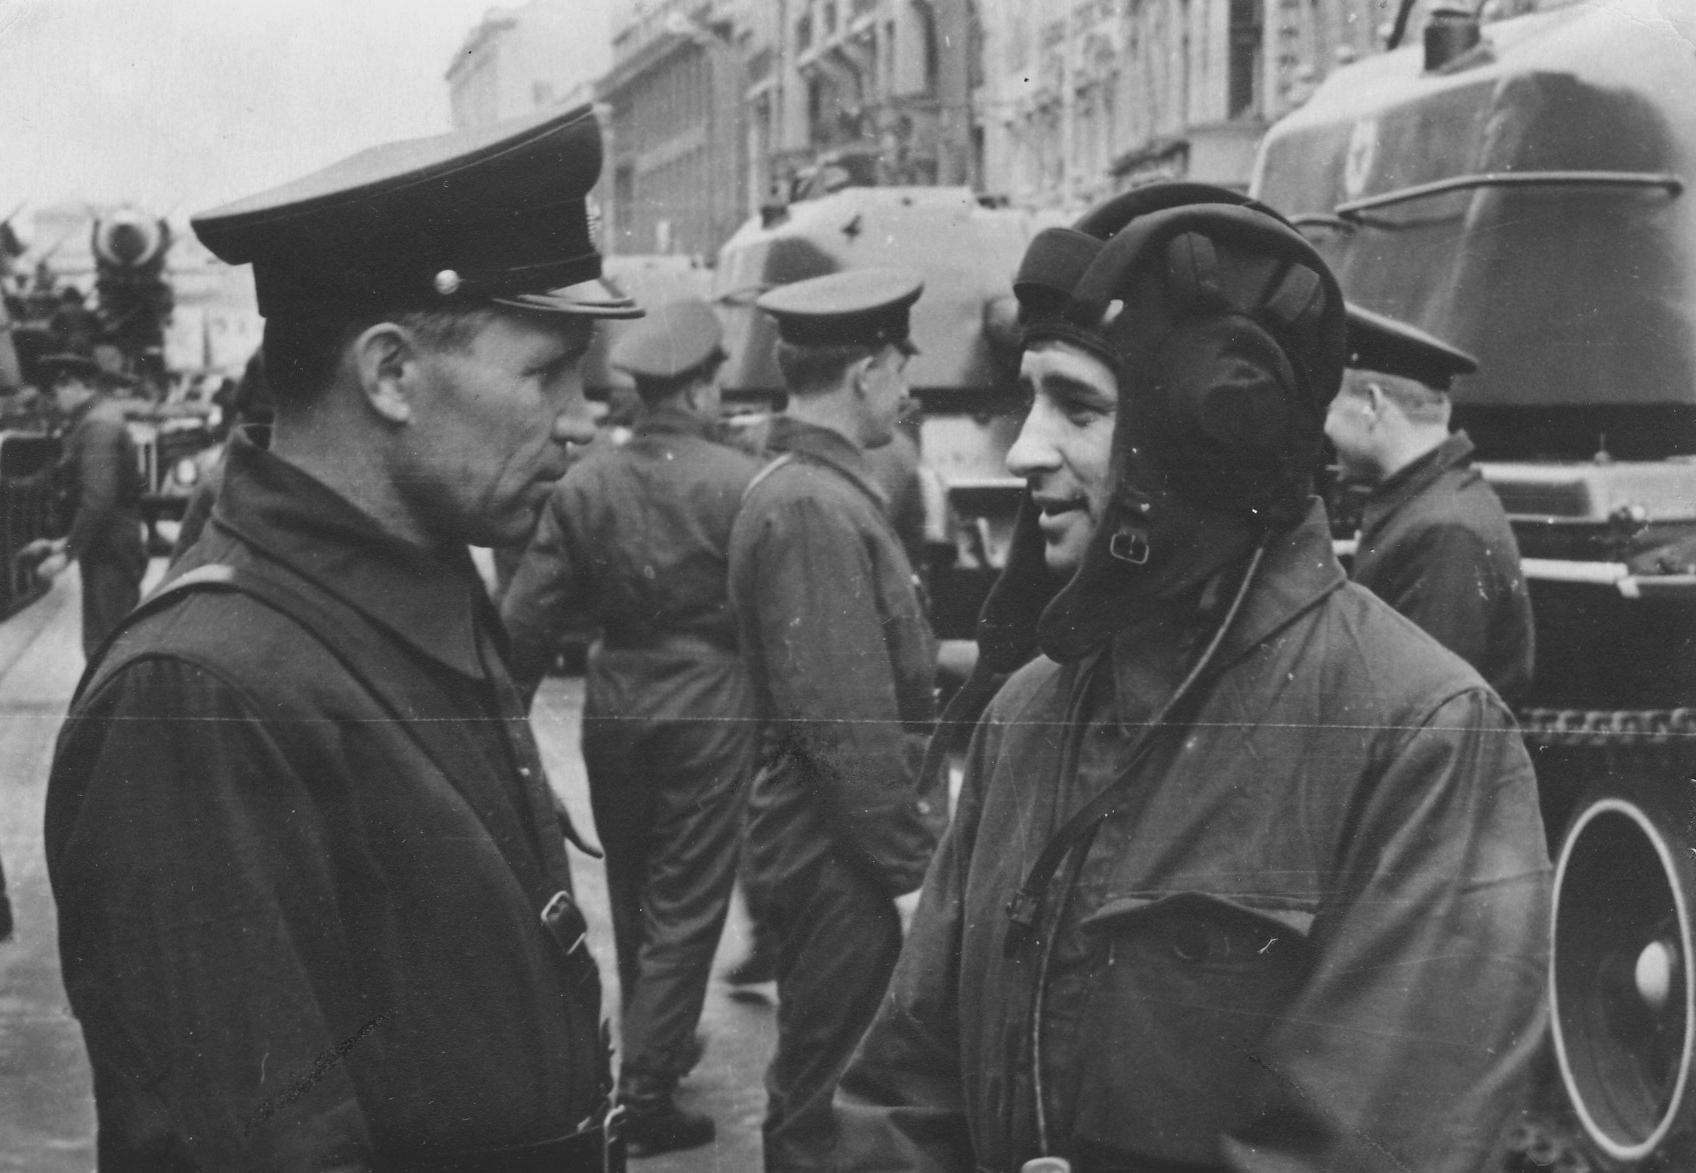 Экспонат #6. Во время подготовки репортажа с очередного военного парада. Начало 60-х годов